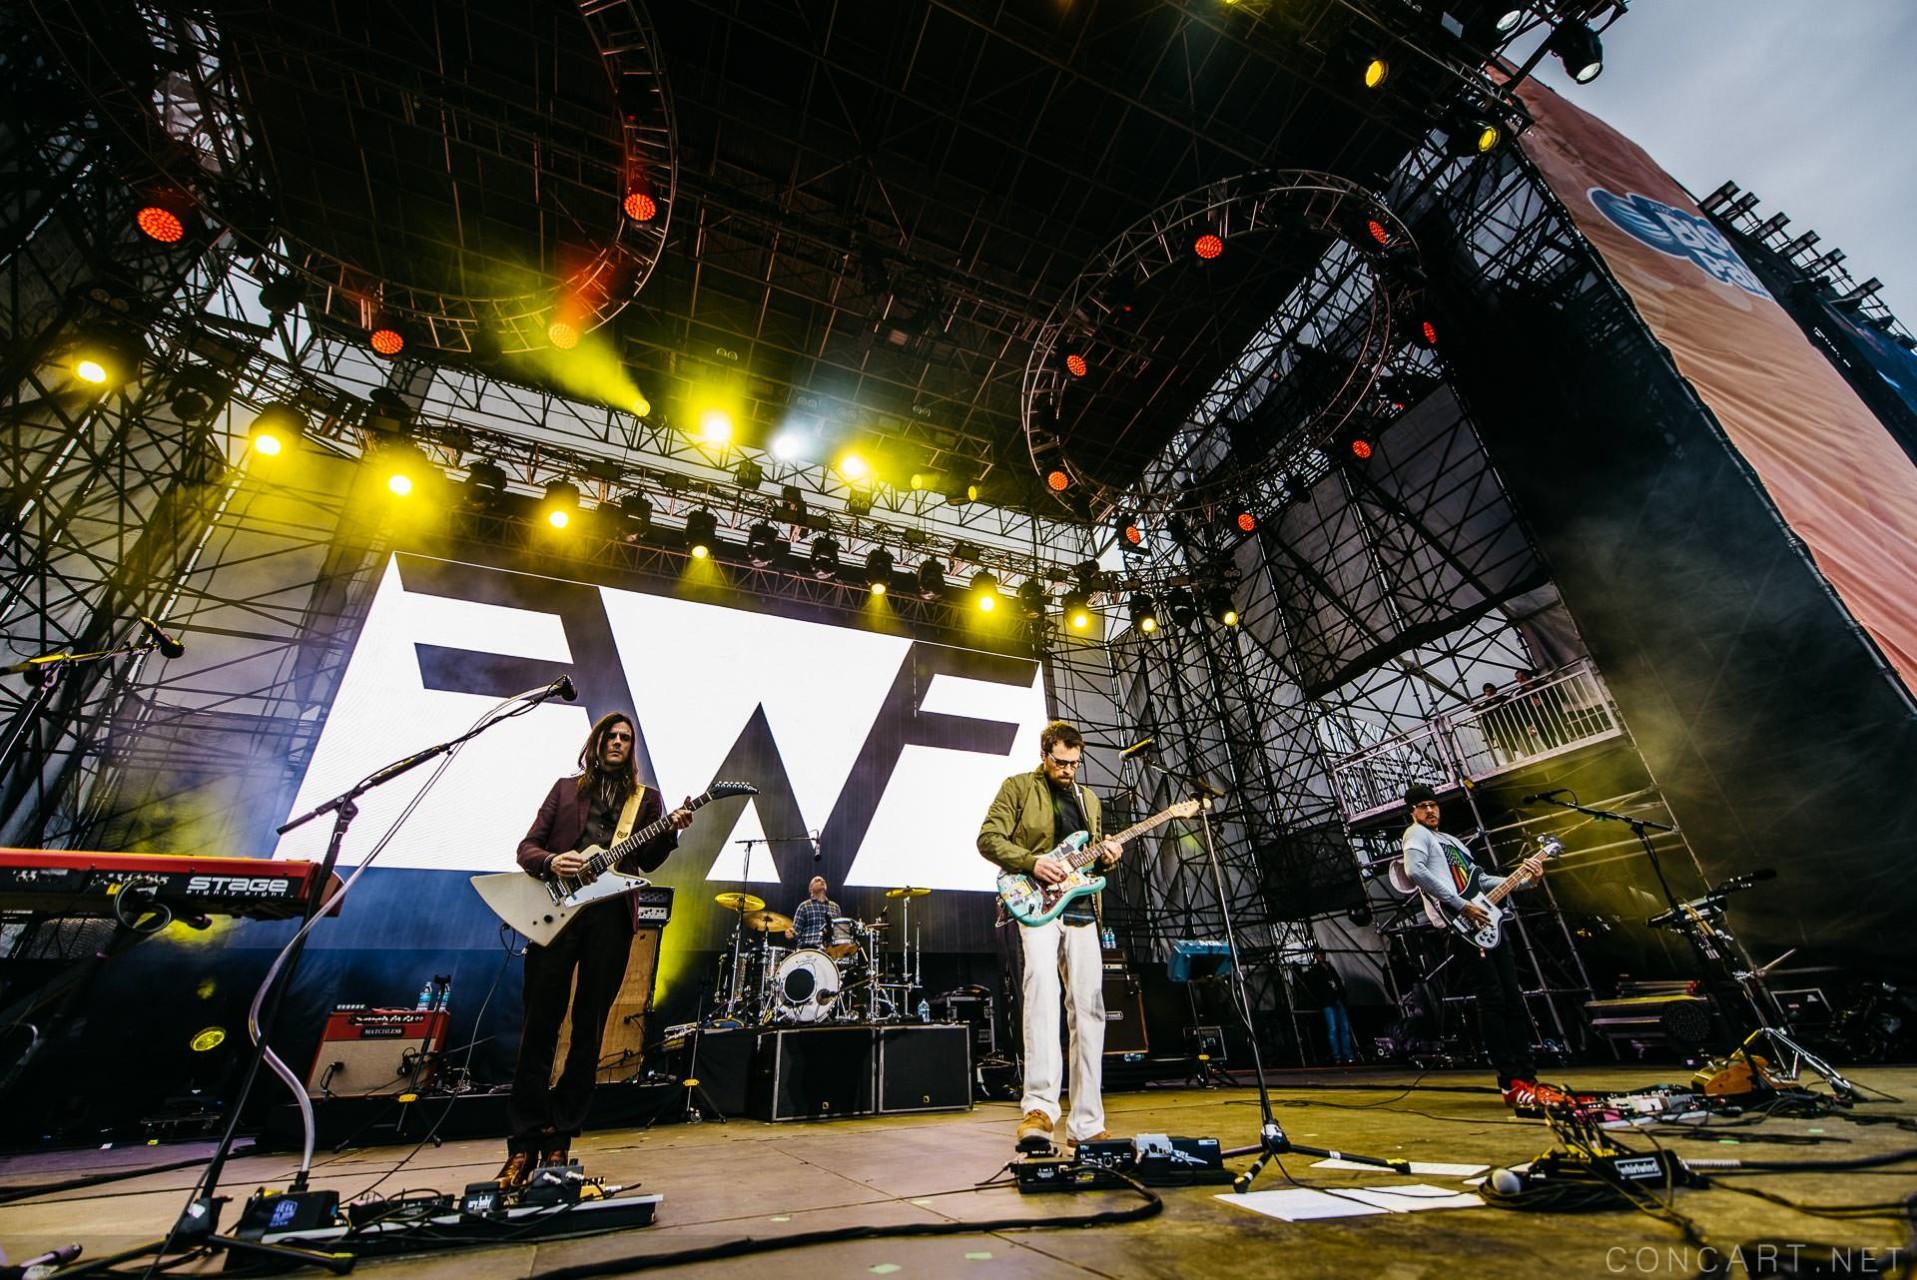 Weezer photo by Sean Molin 26